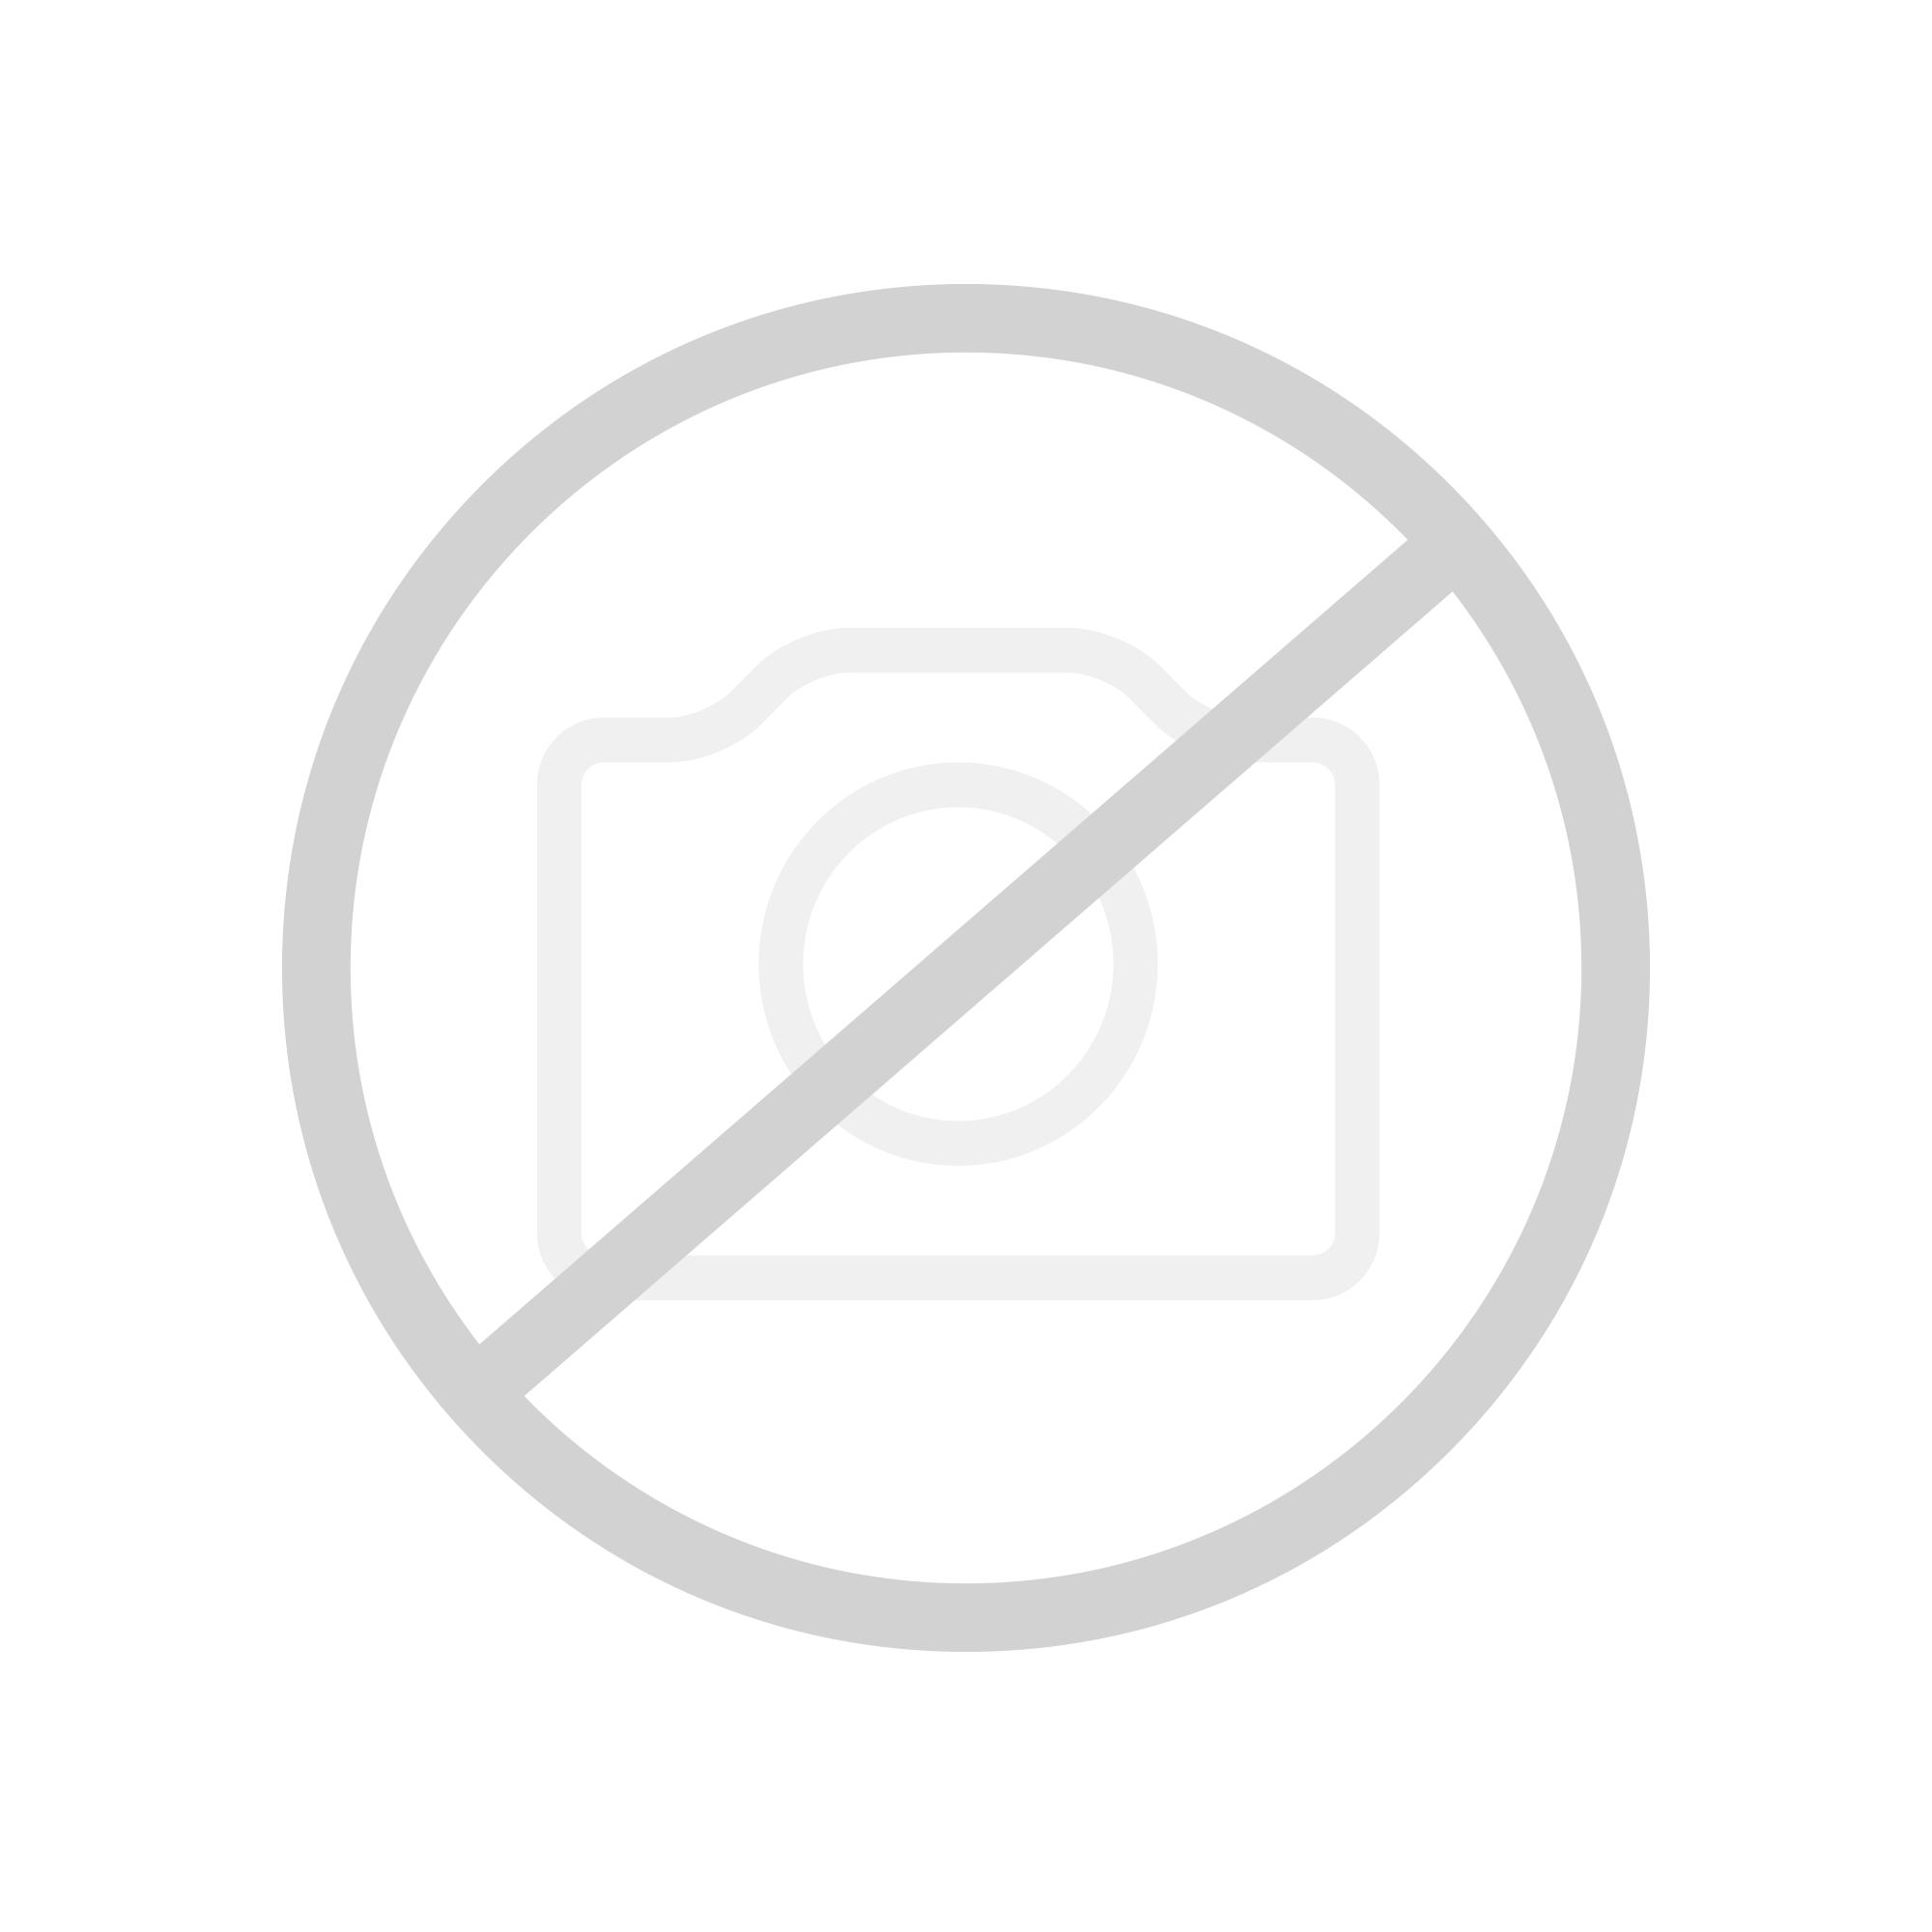 Extremely Grohe Armaturen online bestellen im REUTER Shop MR23